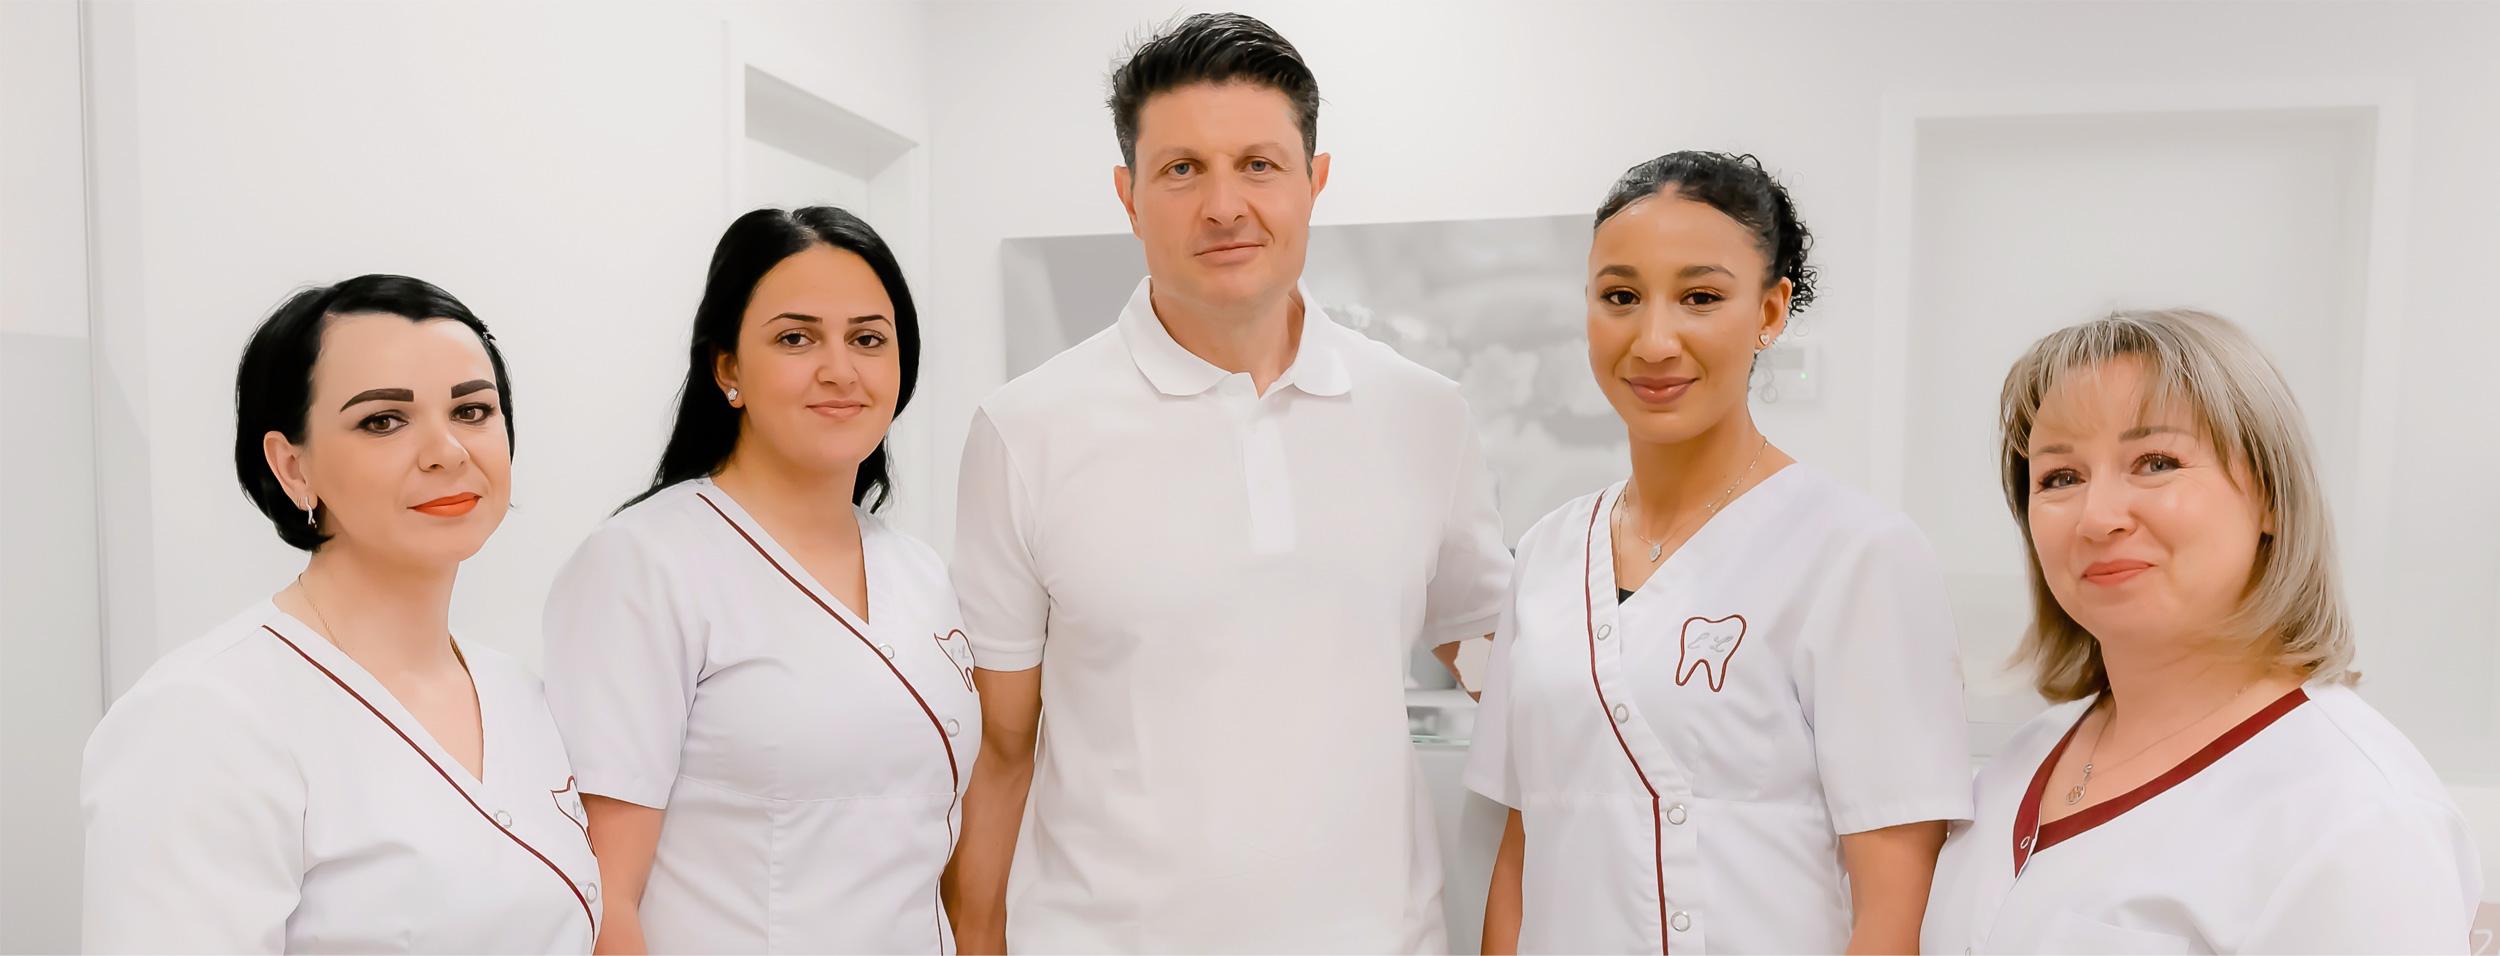 Dr. Liebensohn - Team